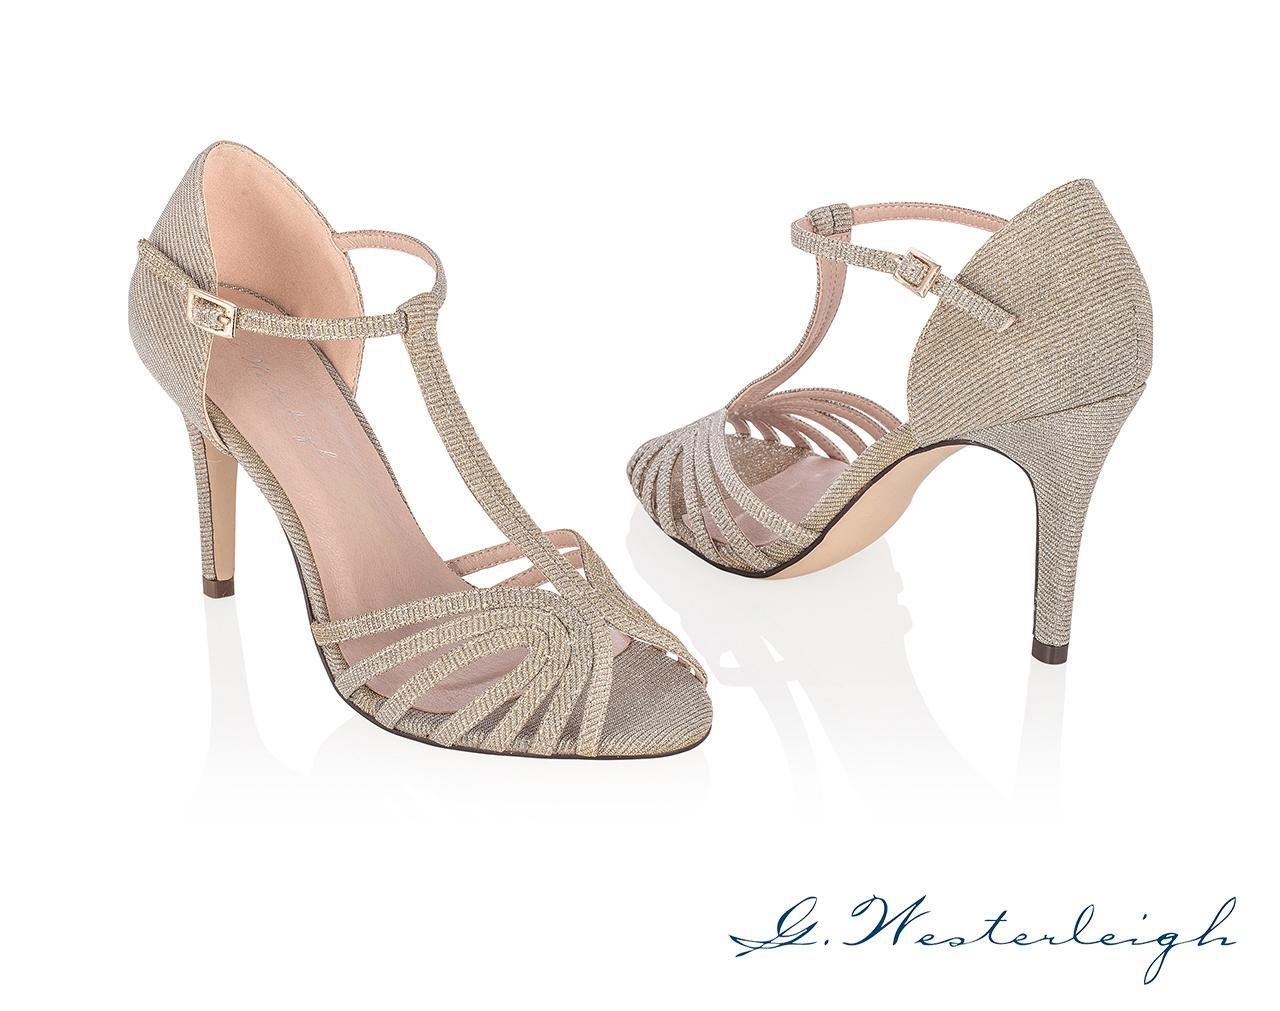 882b544e89 Spoločenské topánky marbella